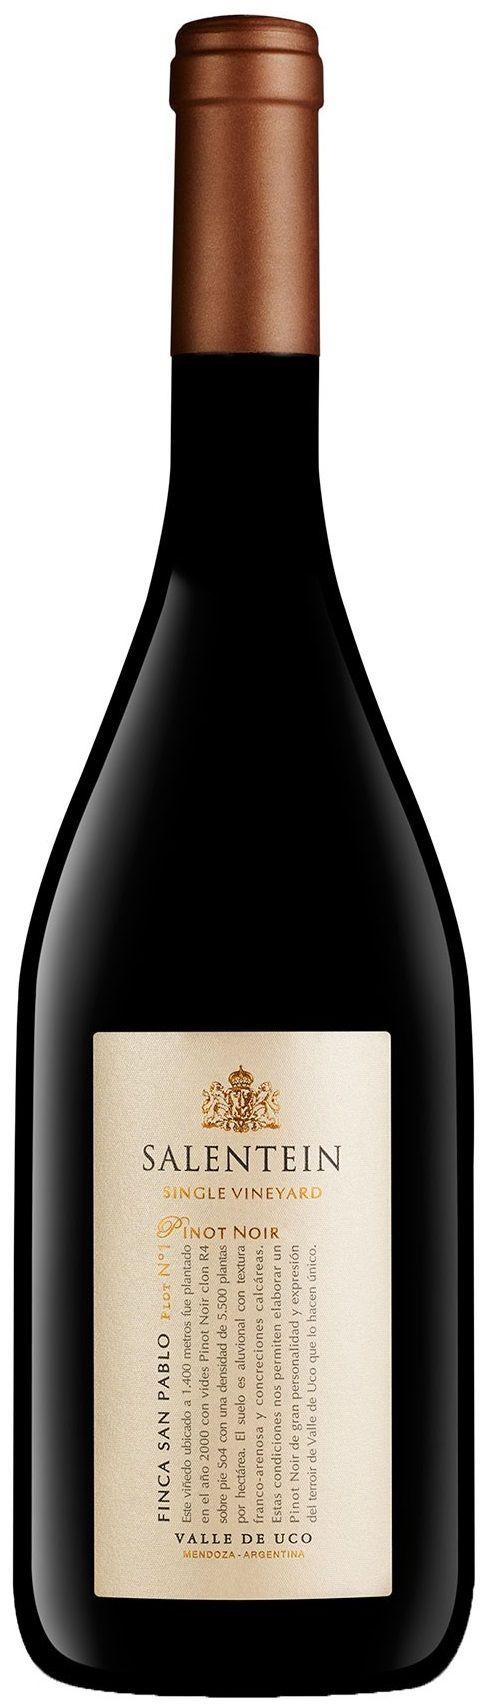 """""""Salentein Single Vineyard"""" Pinot Noir 2013 - Bodega Salentein, Tunuyán, Mendoza----------------Terroir: Los Árboles (Tunuyán)-----------Crianza: 10 meses en barricas de roble francés"""